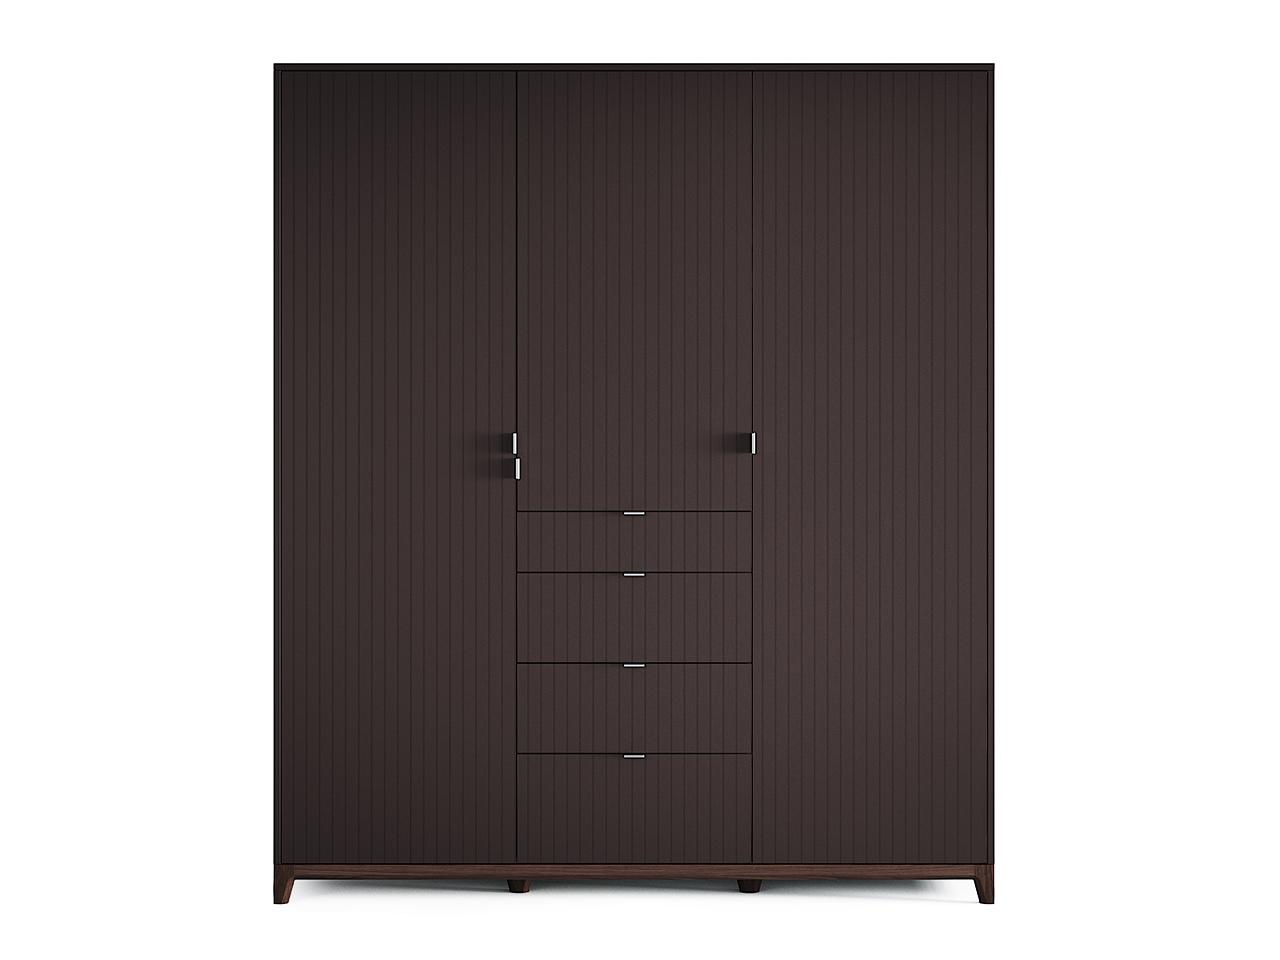 Шкаф Case №2Платяные шкафы<br>Еще более вместительный, прочный и удобный шкаф CASE №2 сочетает в себе продуманную структуру и современный дизайн.В новом варианте предлагаются ящики с внешними фасадами, а также обновленное наполнение шкафов. Внутри комфортно расположены полки и штанги для вешалок, сплошная перфорация позволяет устанавливать полки в удобном положении,предусмотрено два возможных положения штанг (для хранения длинных вещей / для большего количества вещей). В комплекте поставляется дополнительная полка и дополнительная штанга для вешалок.&amp;lt;div&amp;gt;&amp;lt;br&amp;gt;&amp;lt;/div&amp;gt;&amp;lt;div&amp;gt;Материал: массив дуба, МДФ, ДСП, эмаль, лак&amp;lt;br&amp;gt;&amp;lt;/div&amp;gt;<br><br>Material: Дуб<br>Ширина см: 180<br>Высота см: 210<br>Глубина см: 60